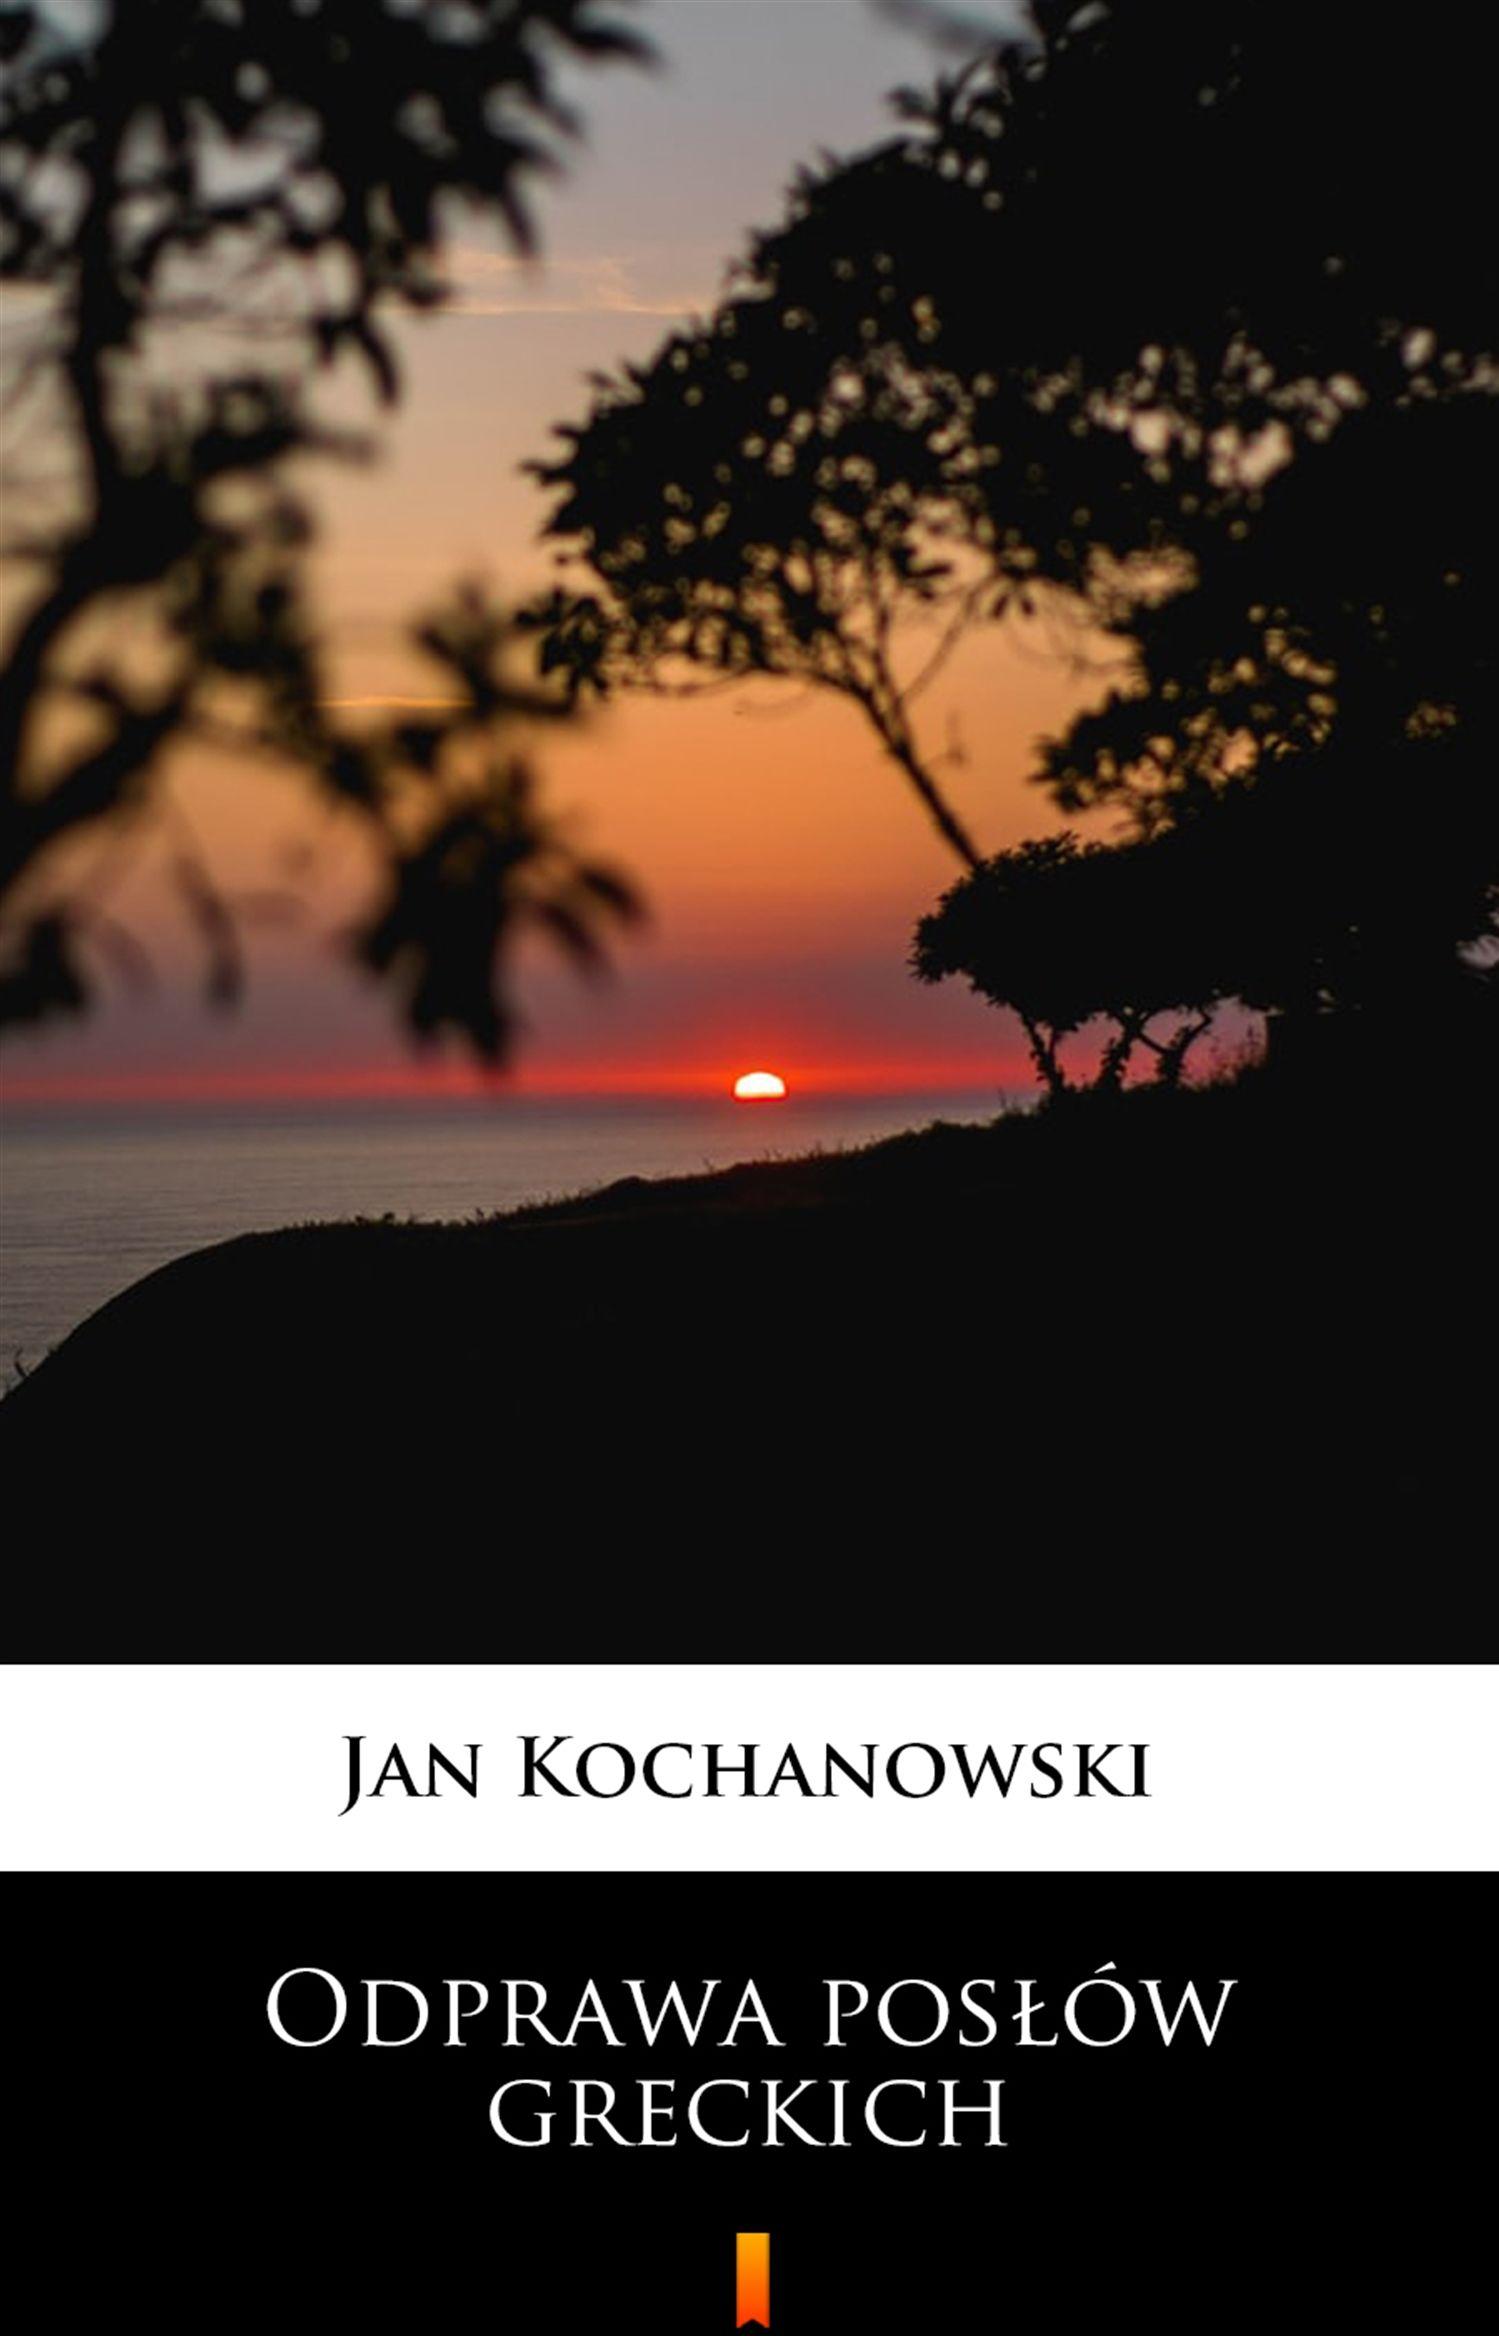 Odprawa posłów greckich - Jan Kochanowski - ebook